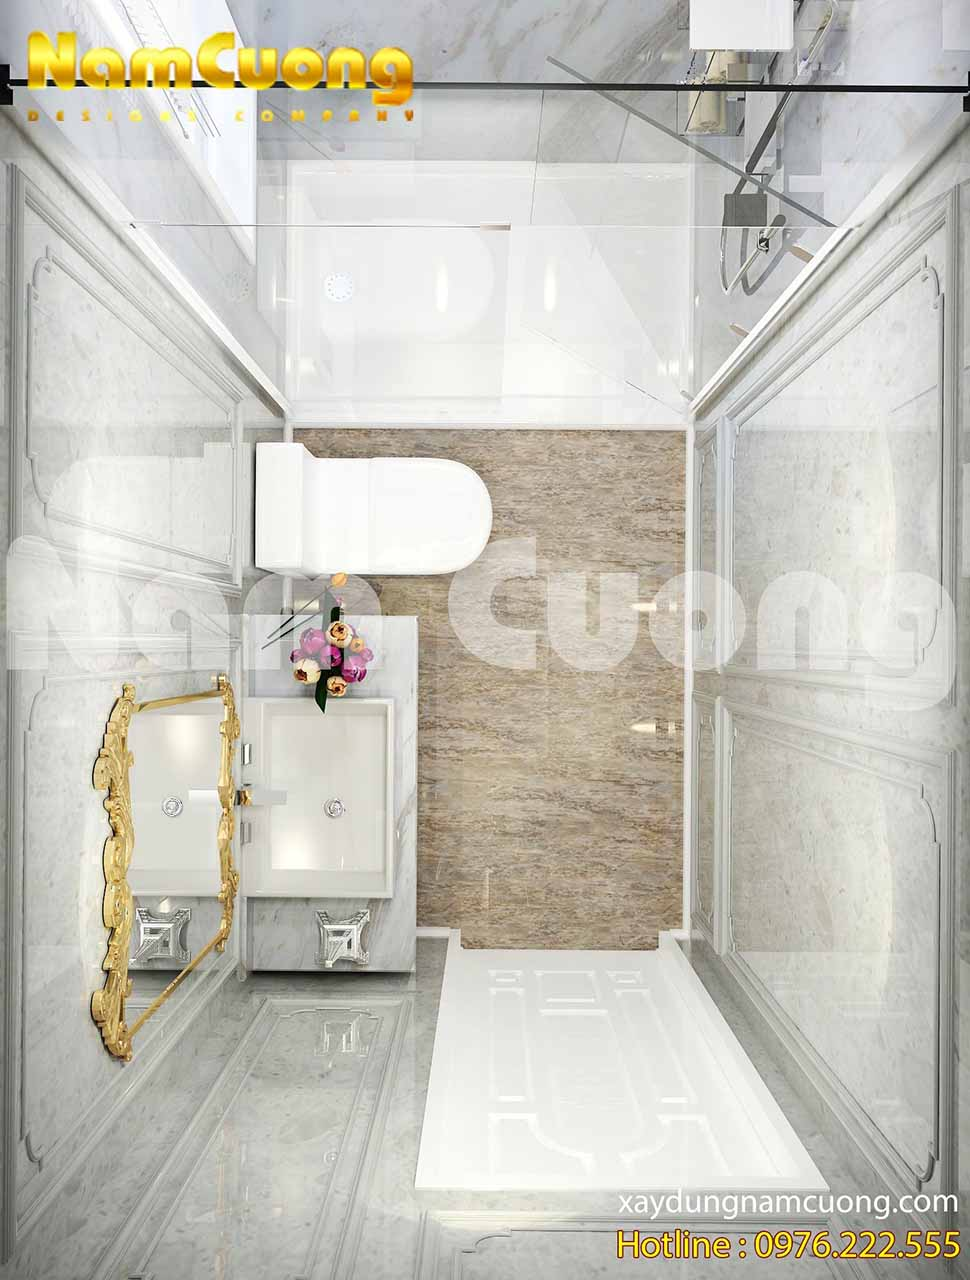 Vẻ đẹp tinh tế, cuốn hút của phòng vệ sinh tân cổ điển